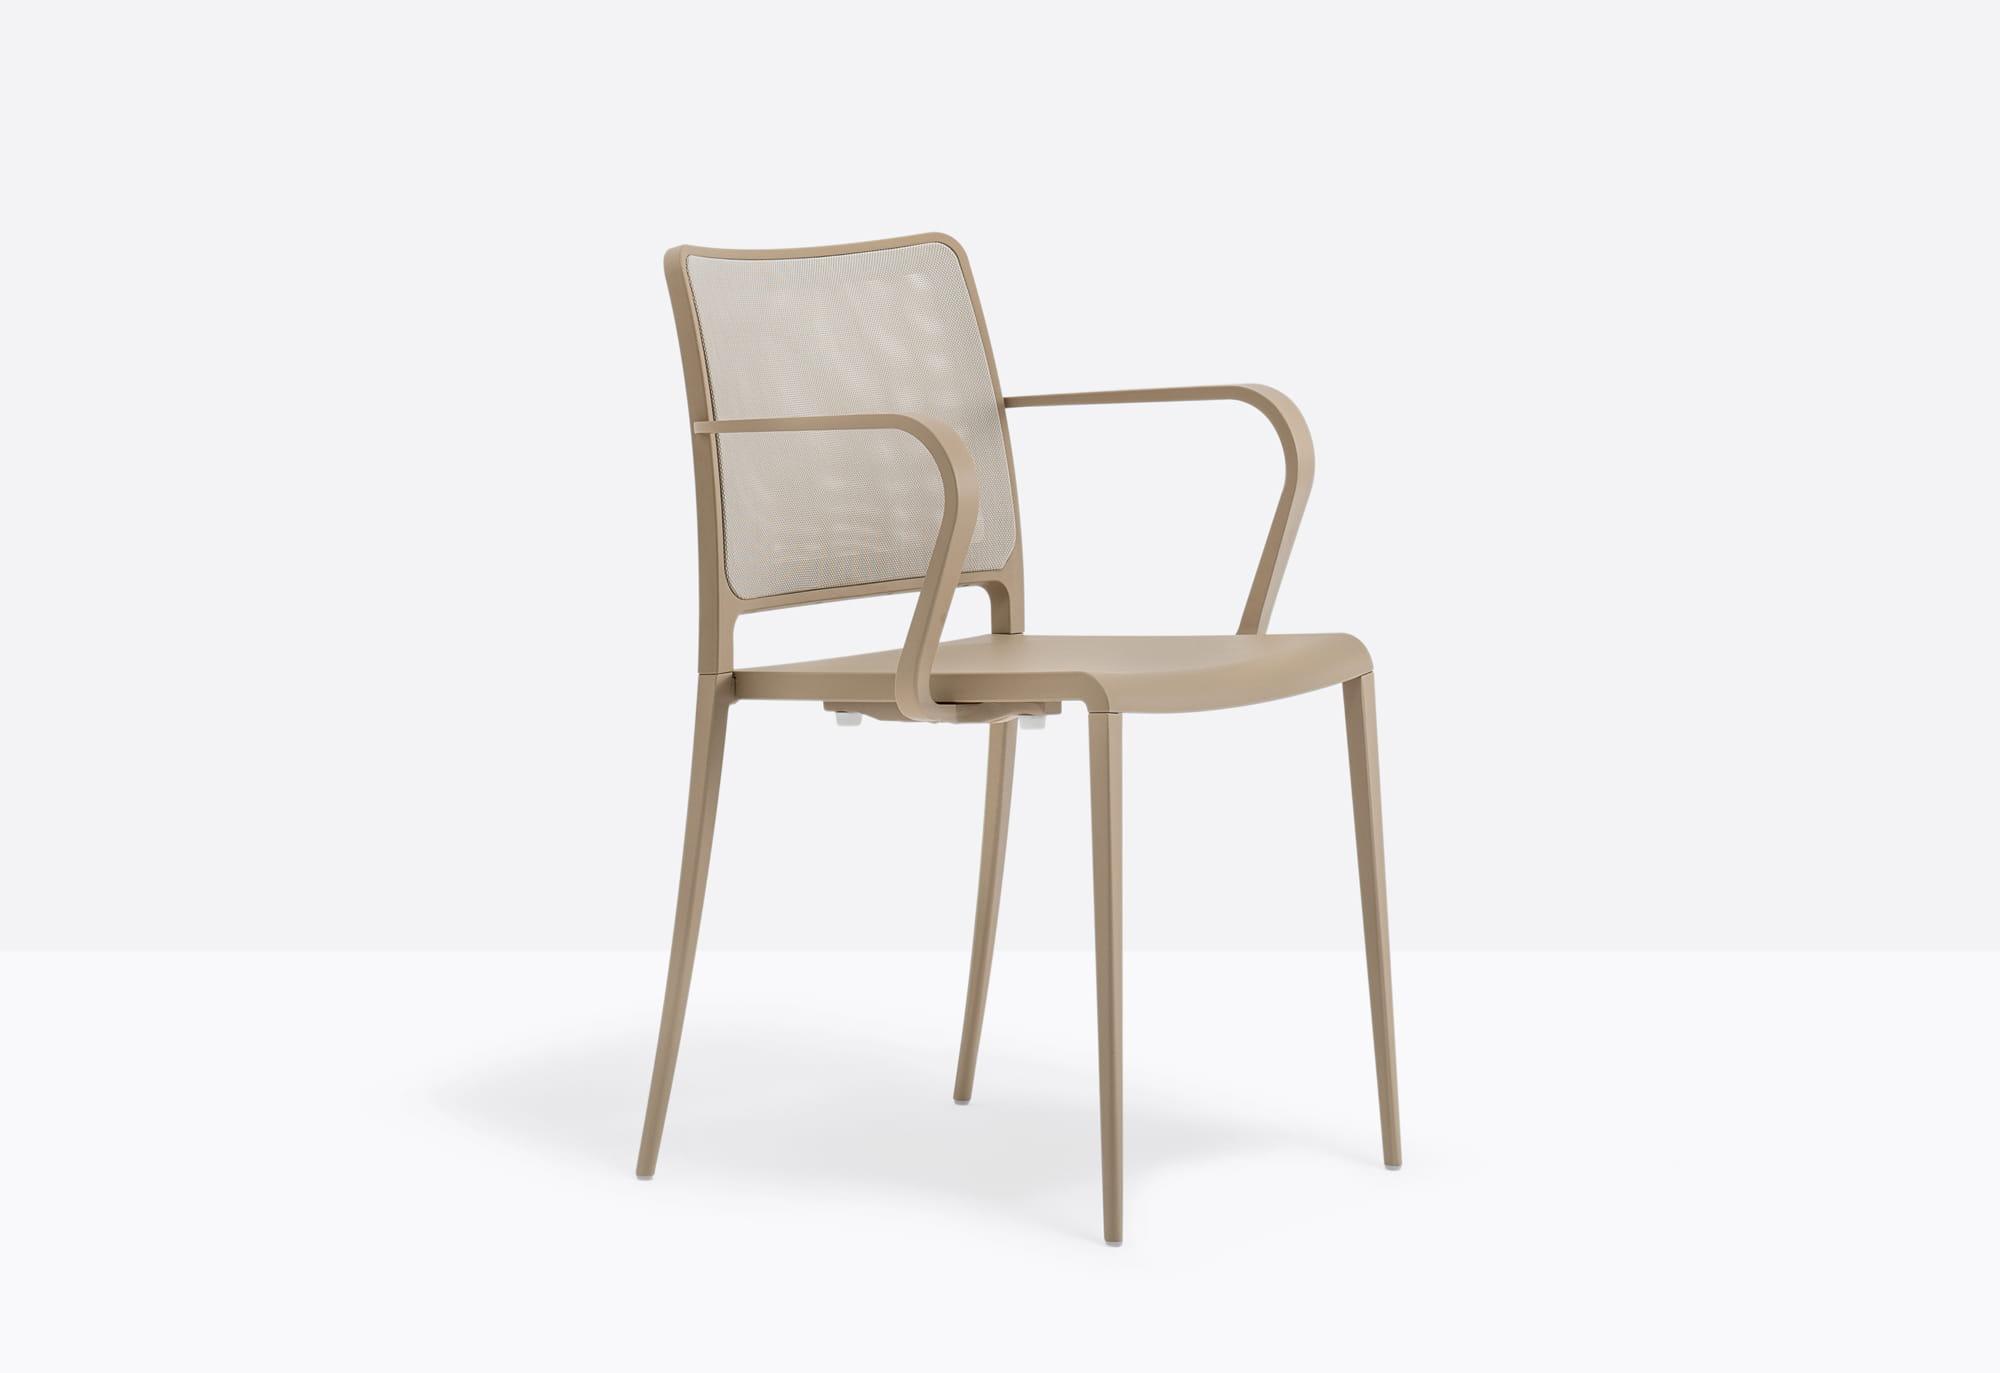 Pedrali Krzesło Mya 706/2 SA2 Beżowy